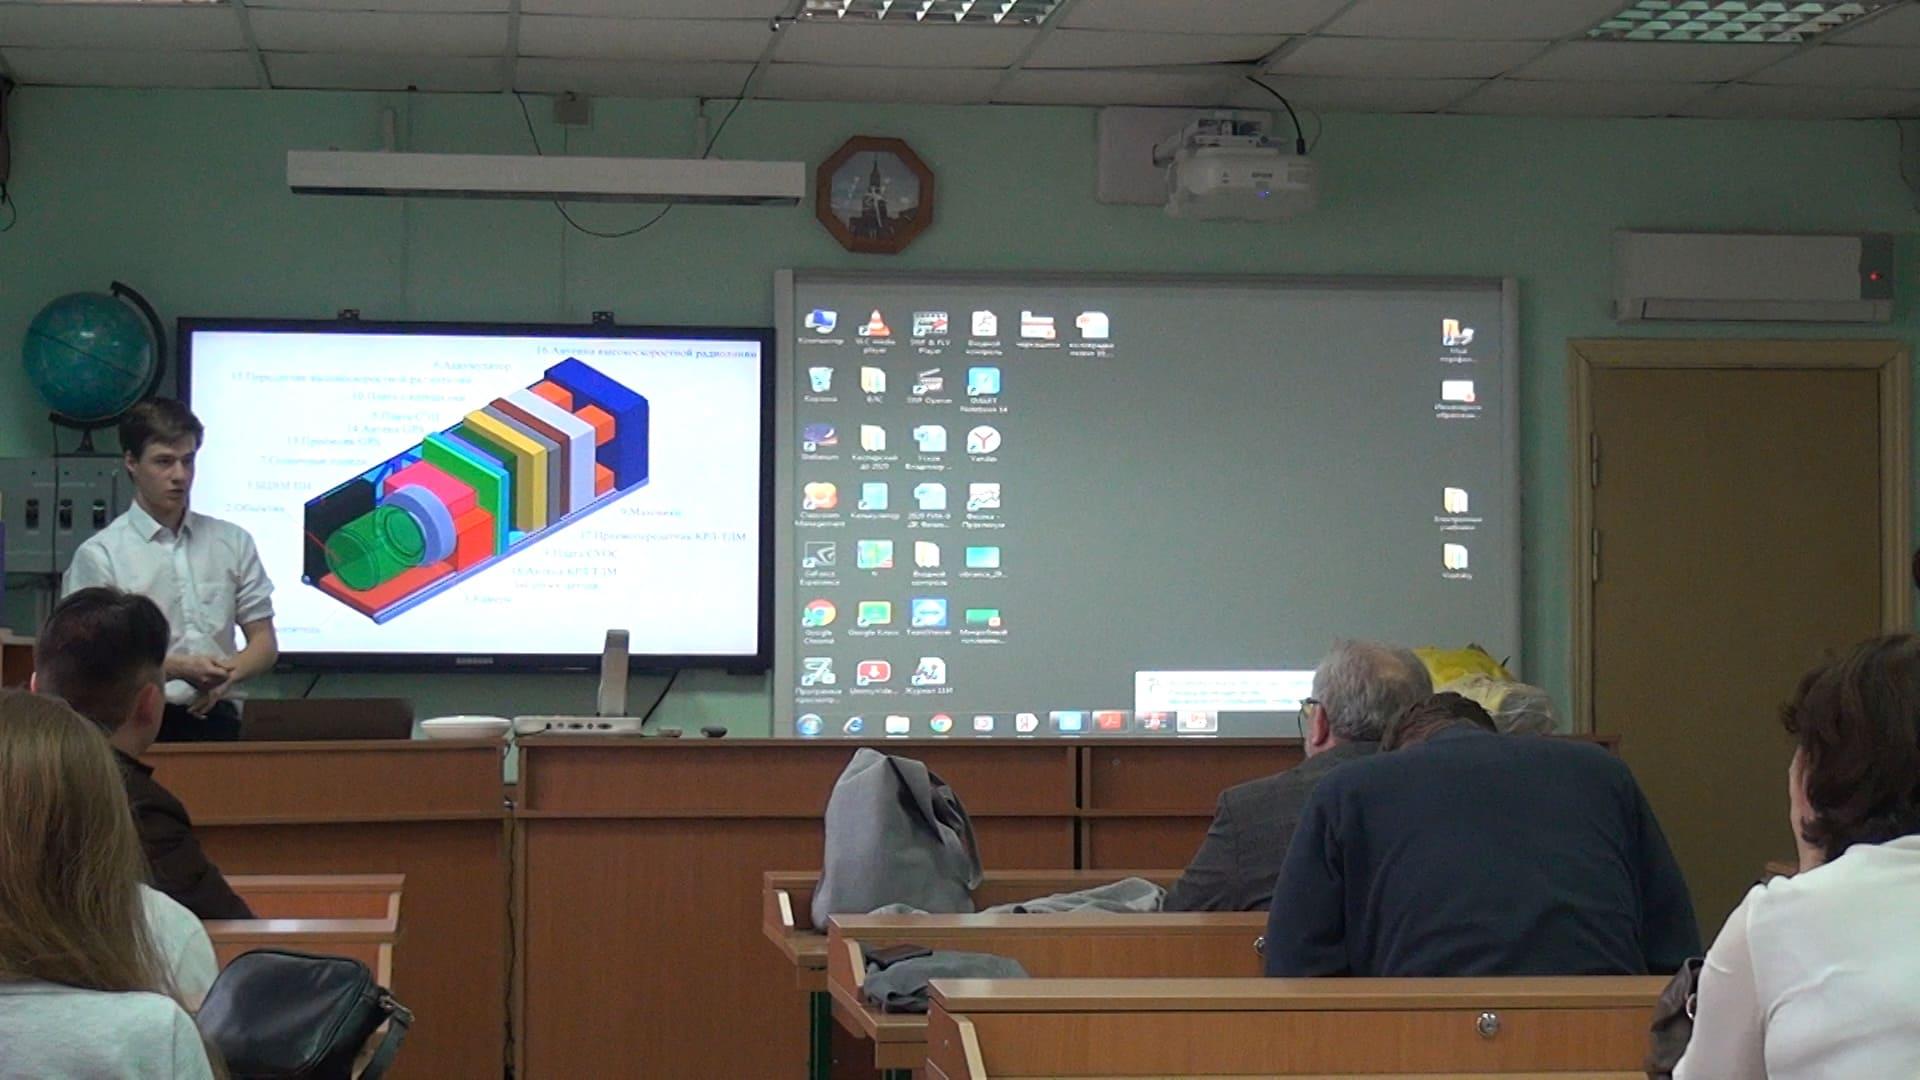 О конструкции школьного космического телемкопа рассказывает Илья Атрошенко